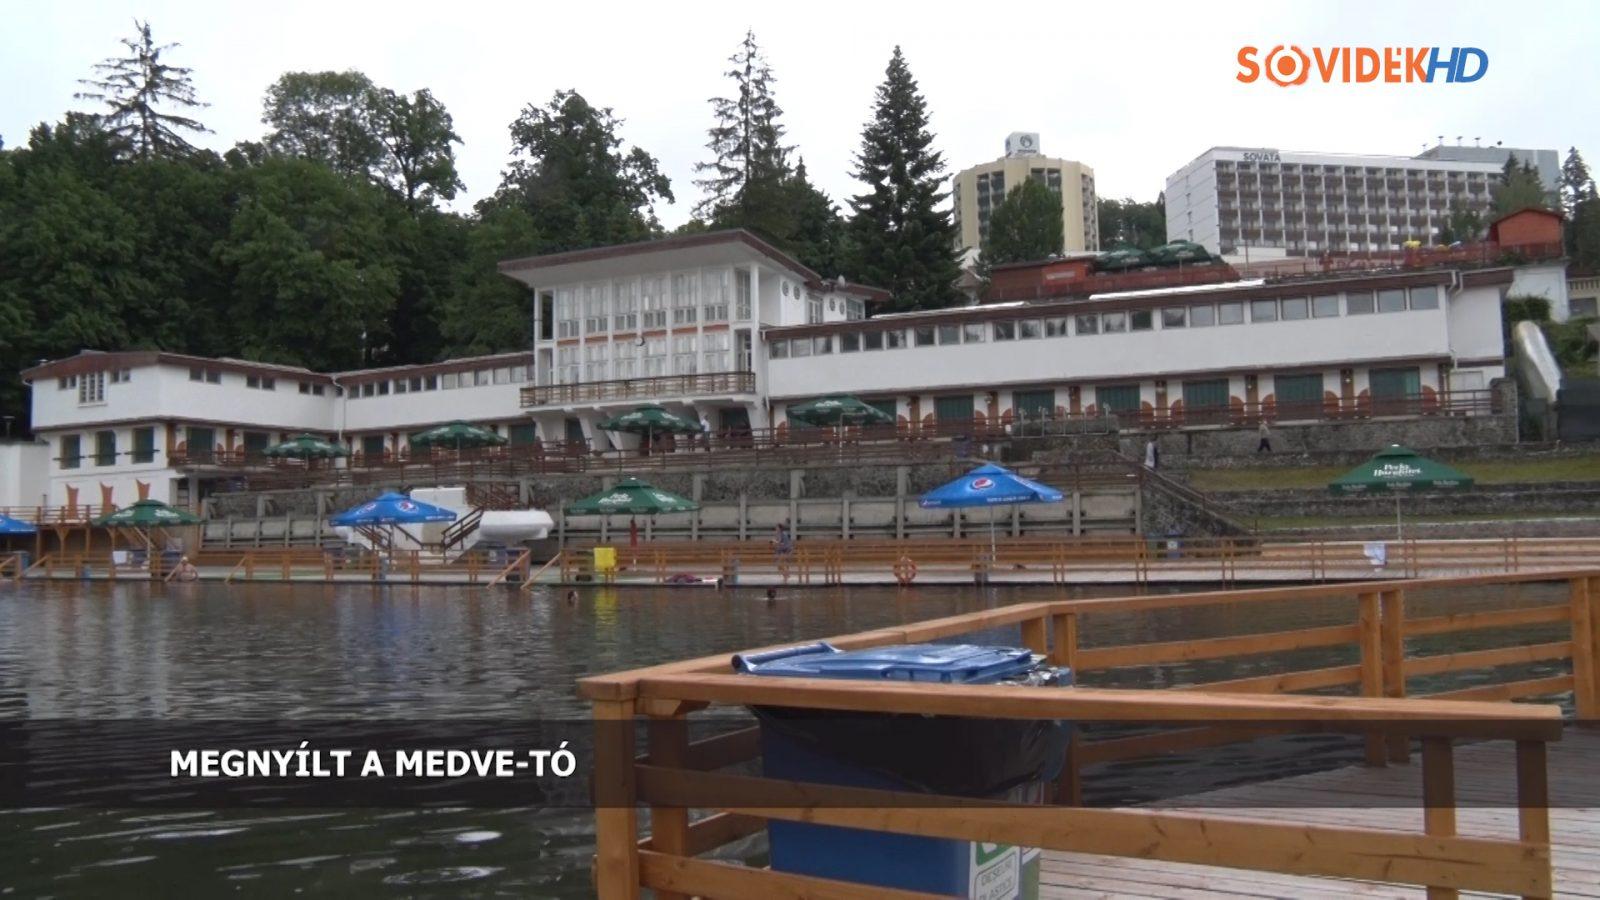 Megnyílt a Medve-tó